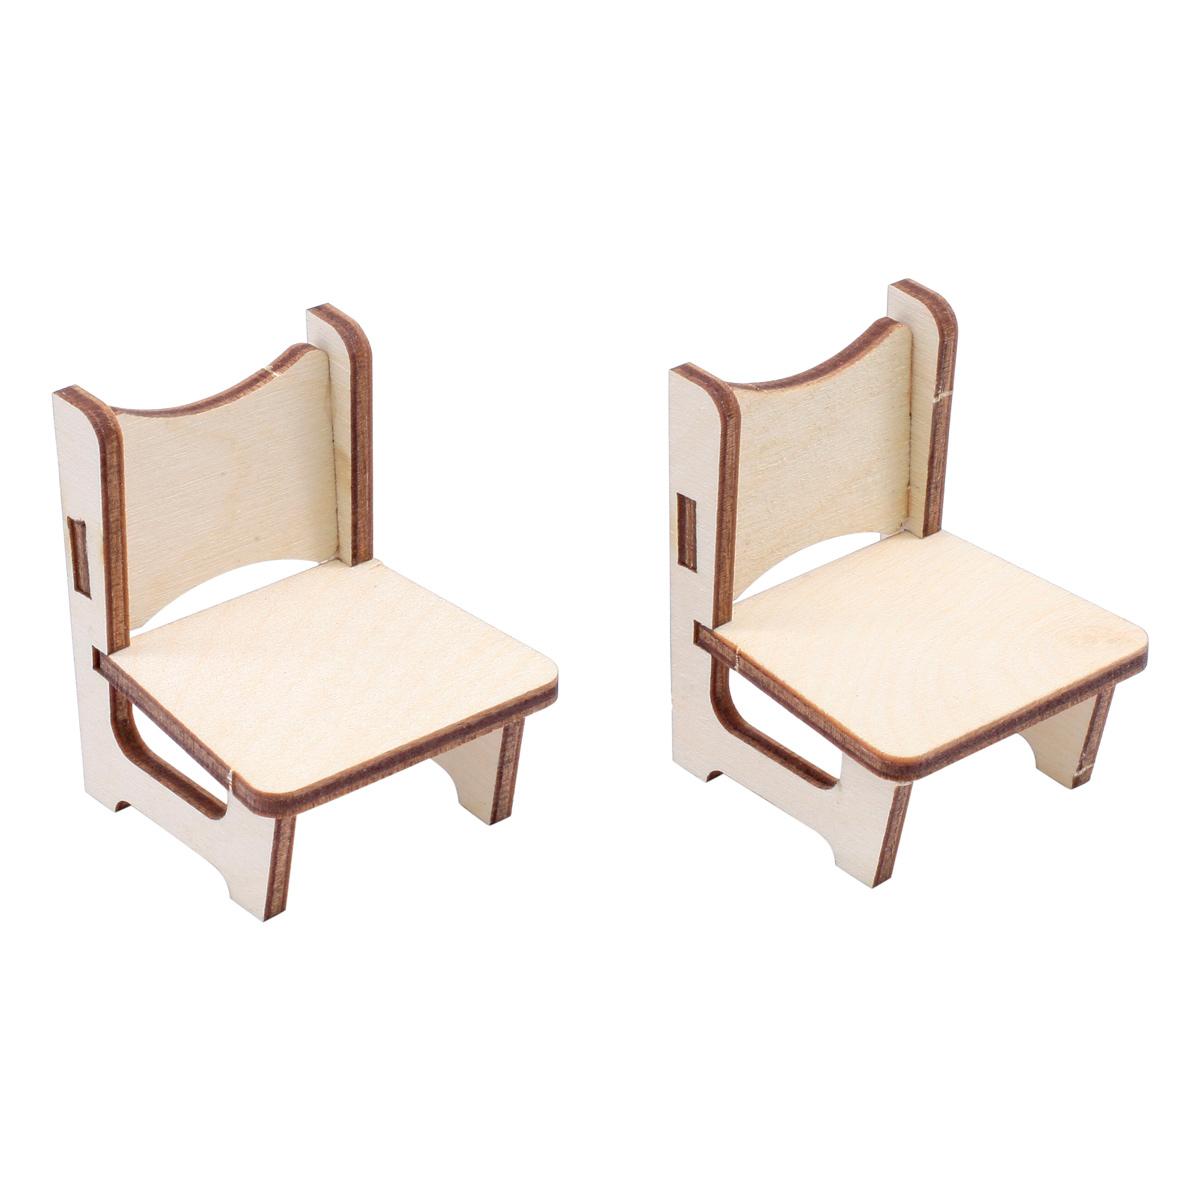 L-1130 Деревянная заготовка Набор стульев 4шт 11*11см АСТРА